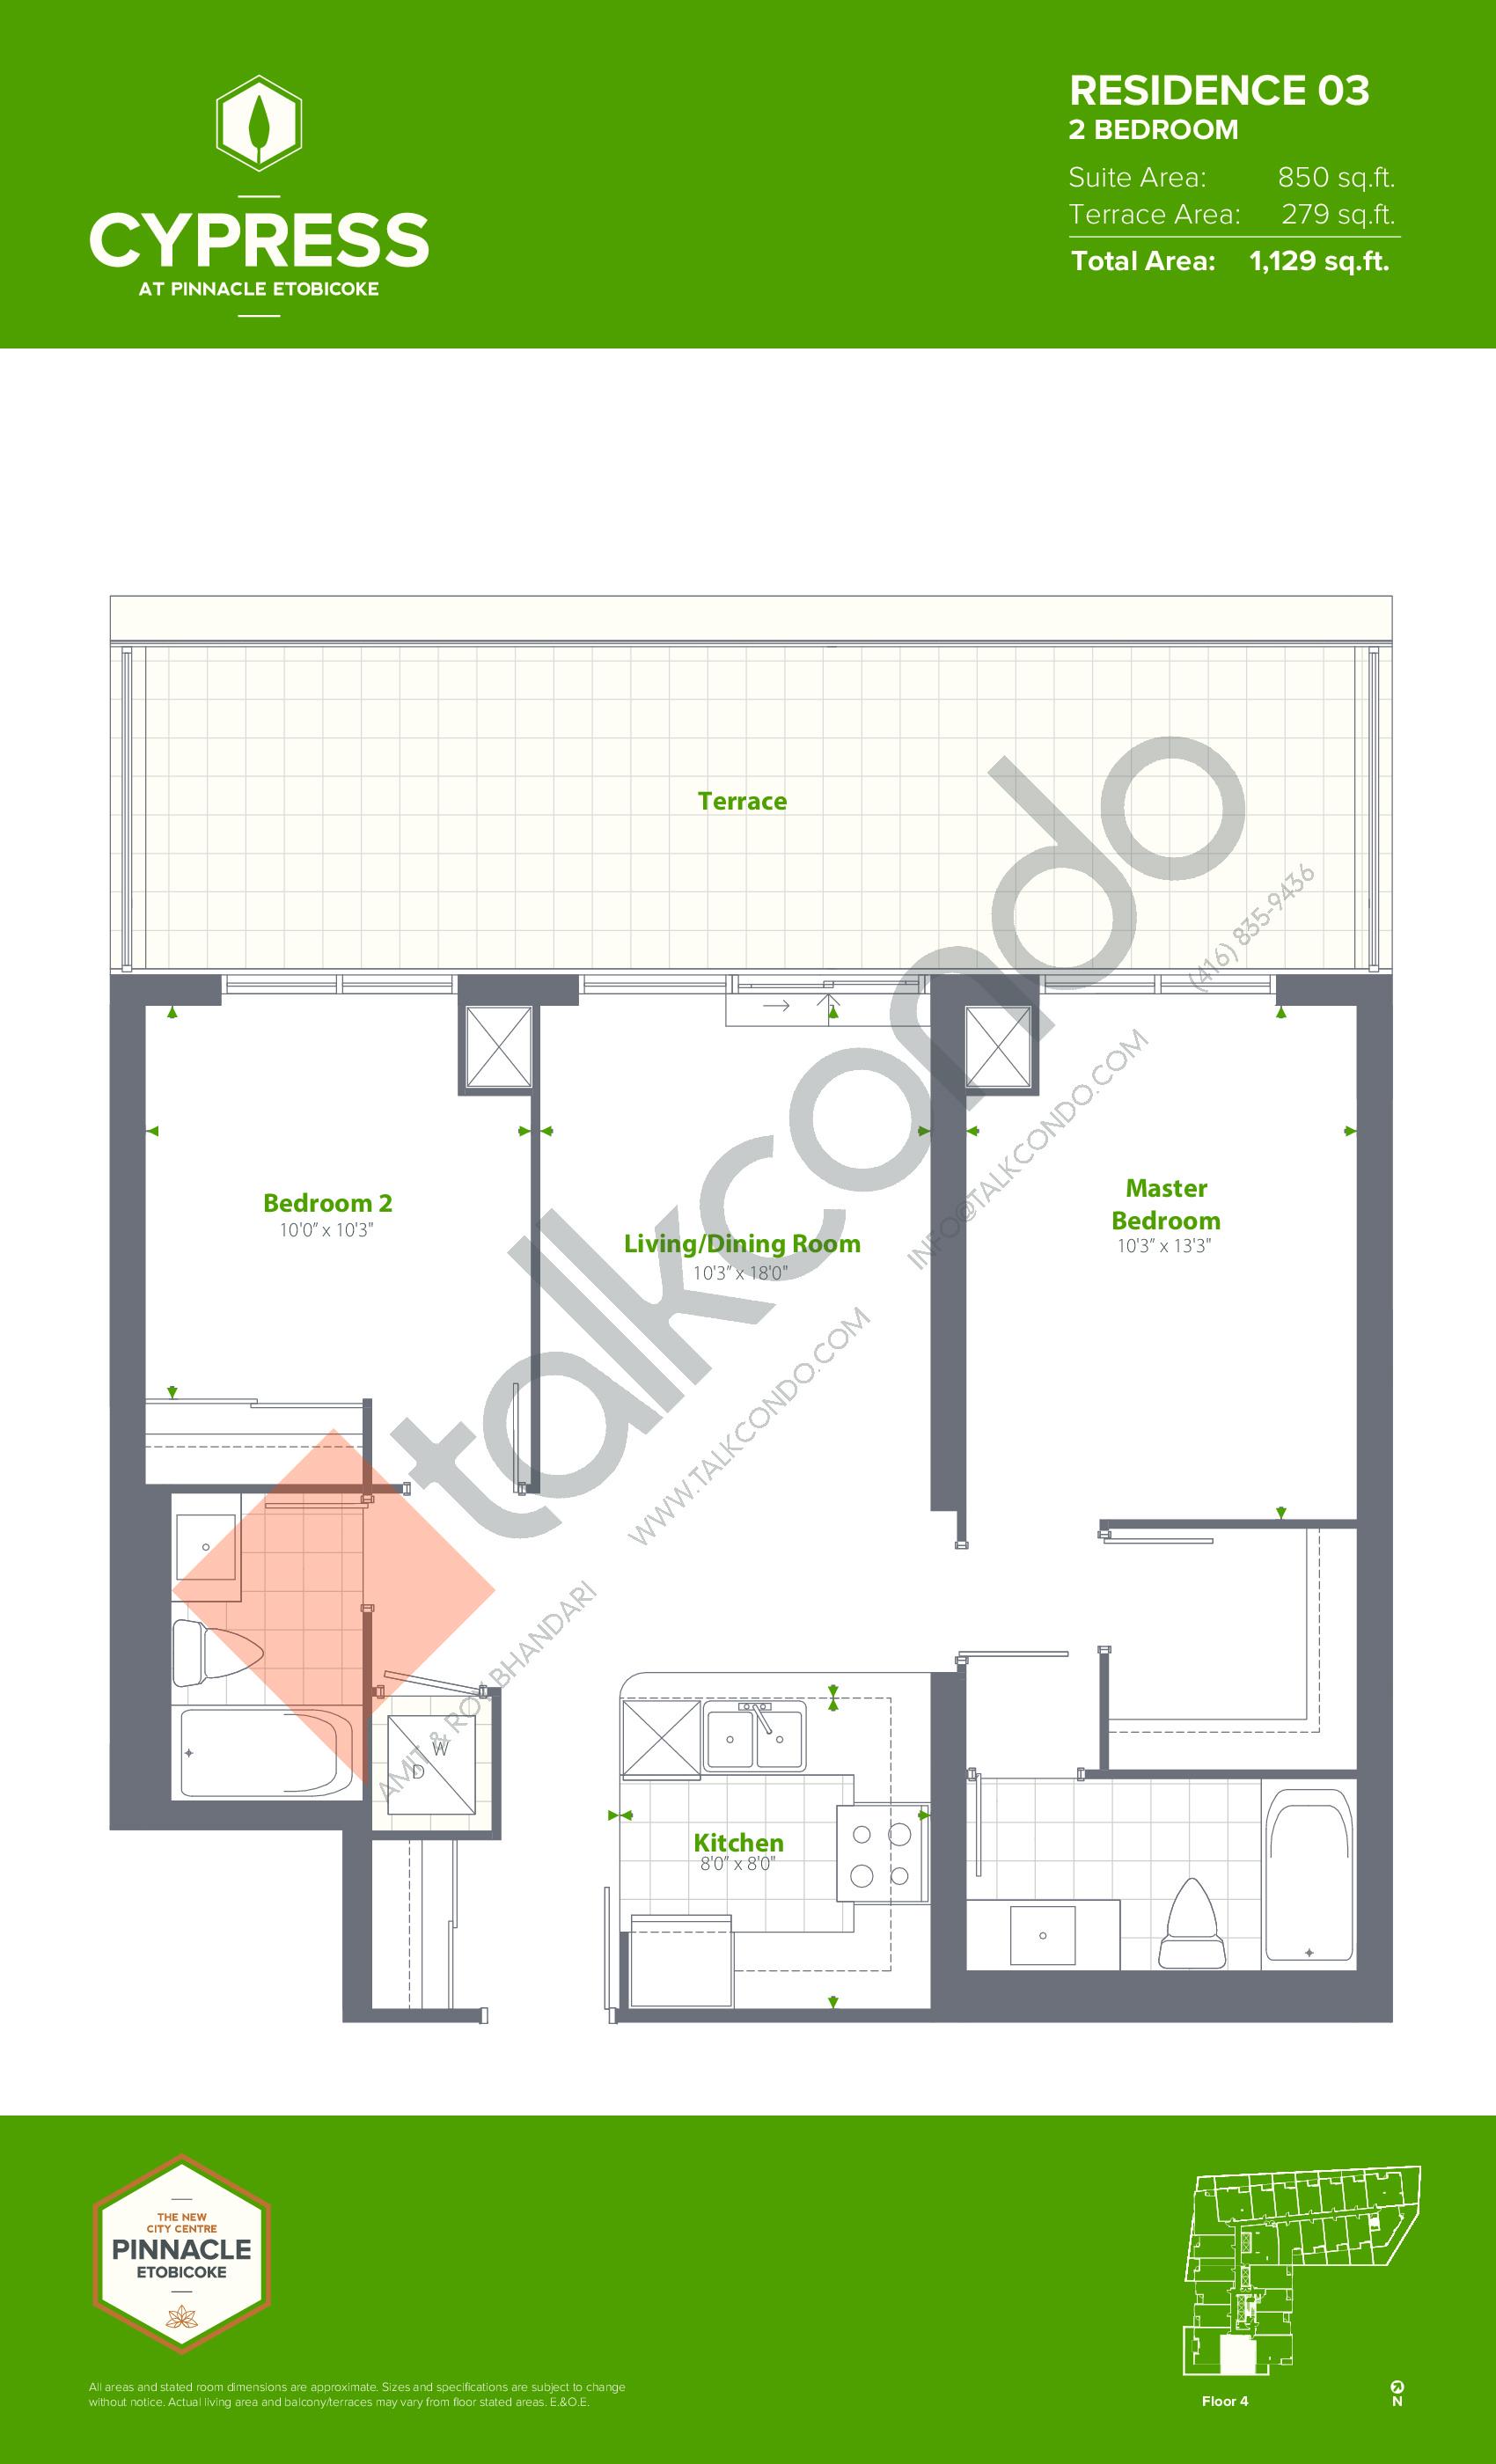 Residence 03 Floor Plan at Cypress at Pinnacle Etobicoke - 850 sq.ft